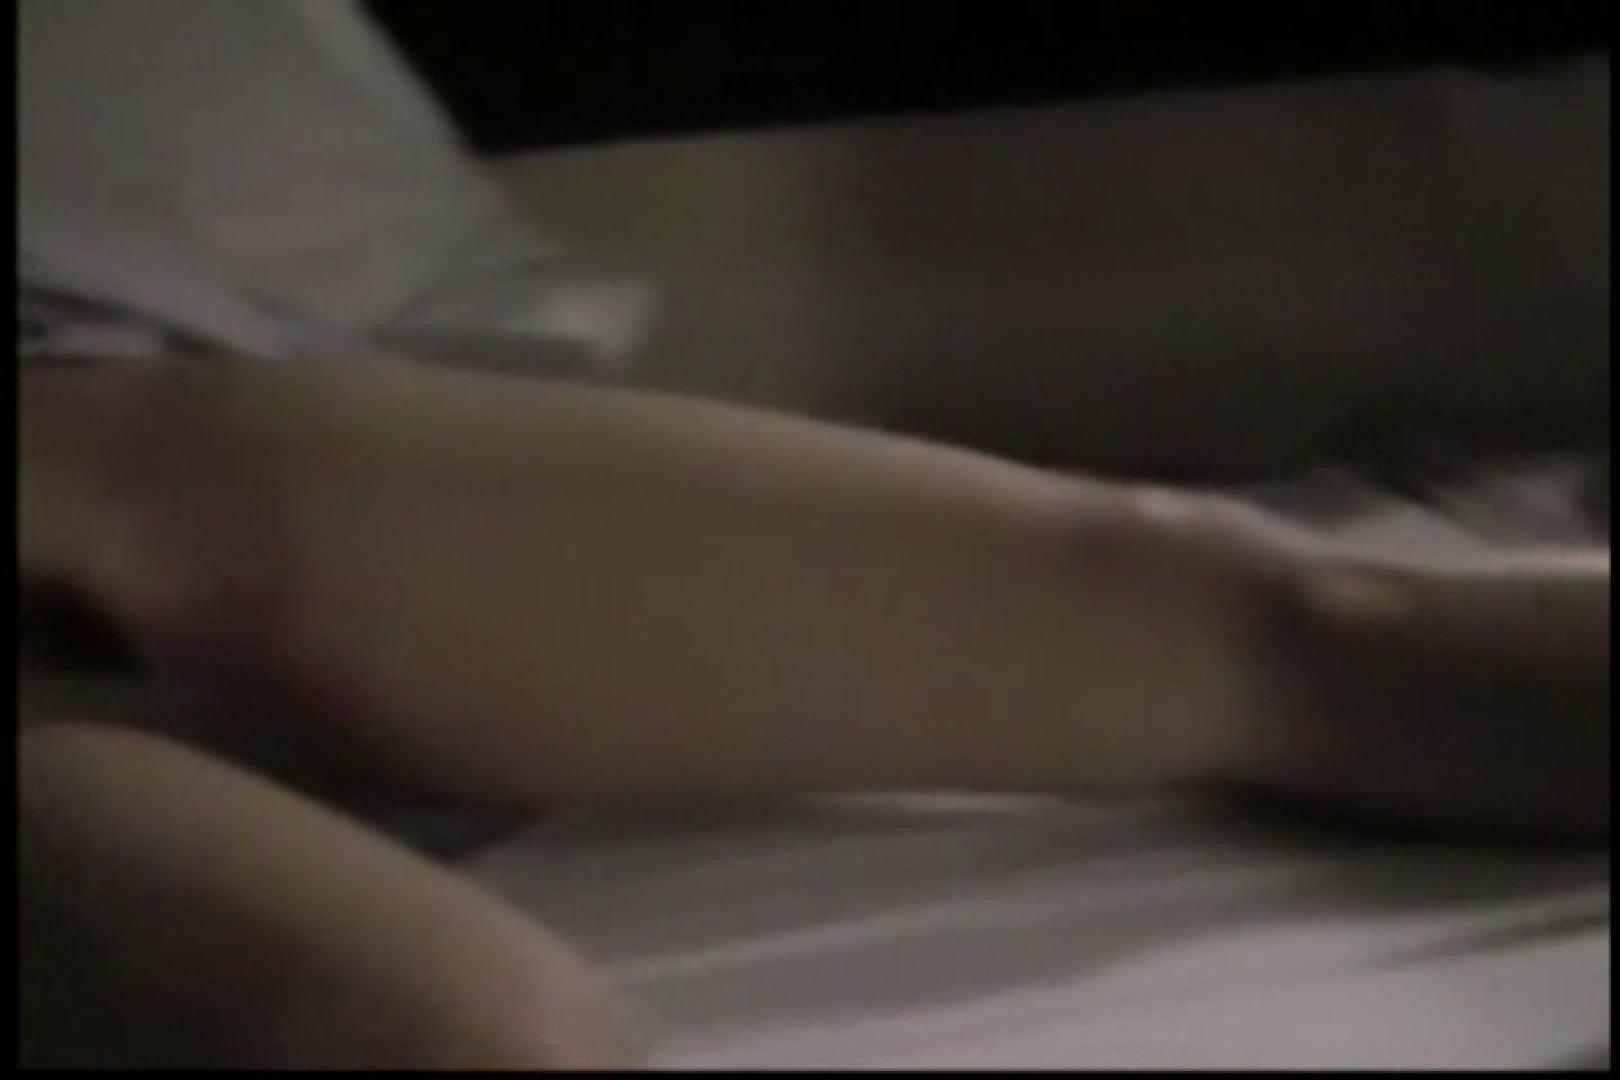 妻と寝台列車にて・・・ ザーメン口内発射 オマンコ無修正動画無料 102PIX 71